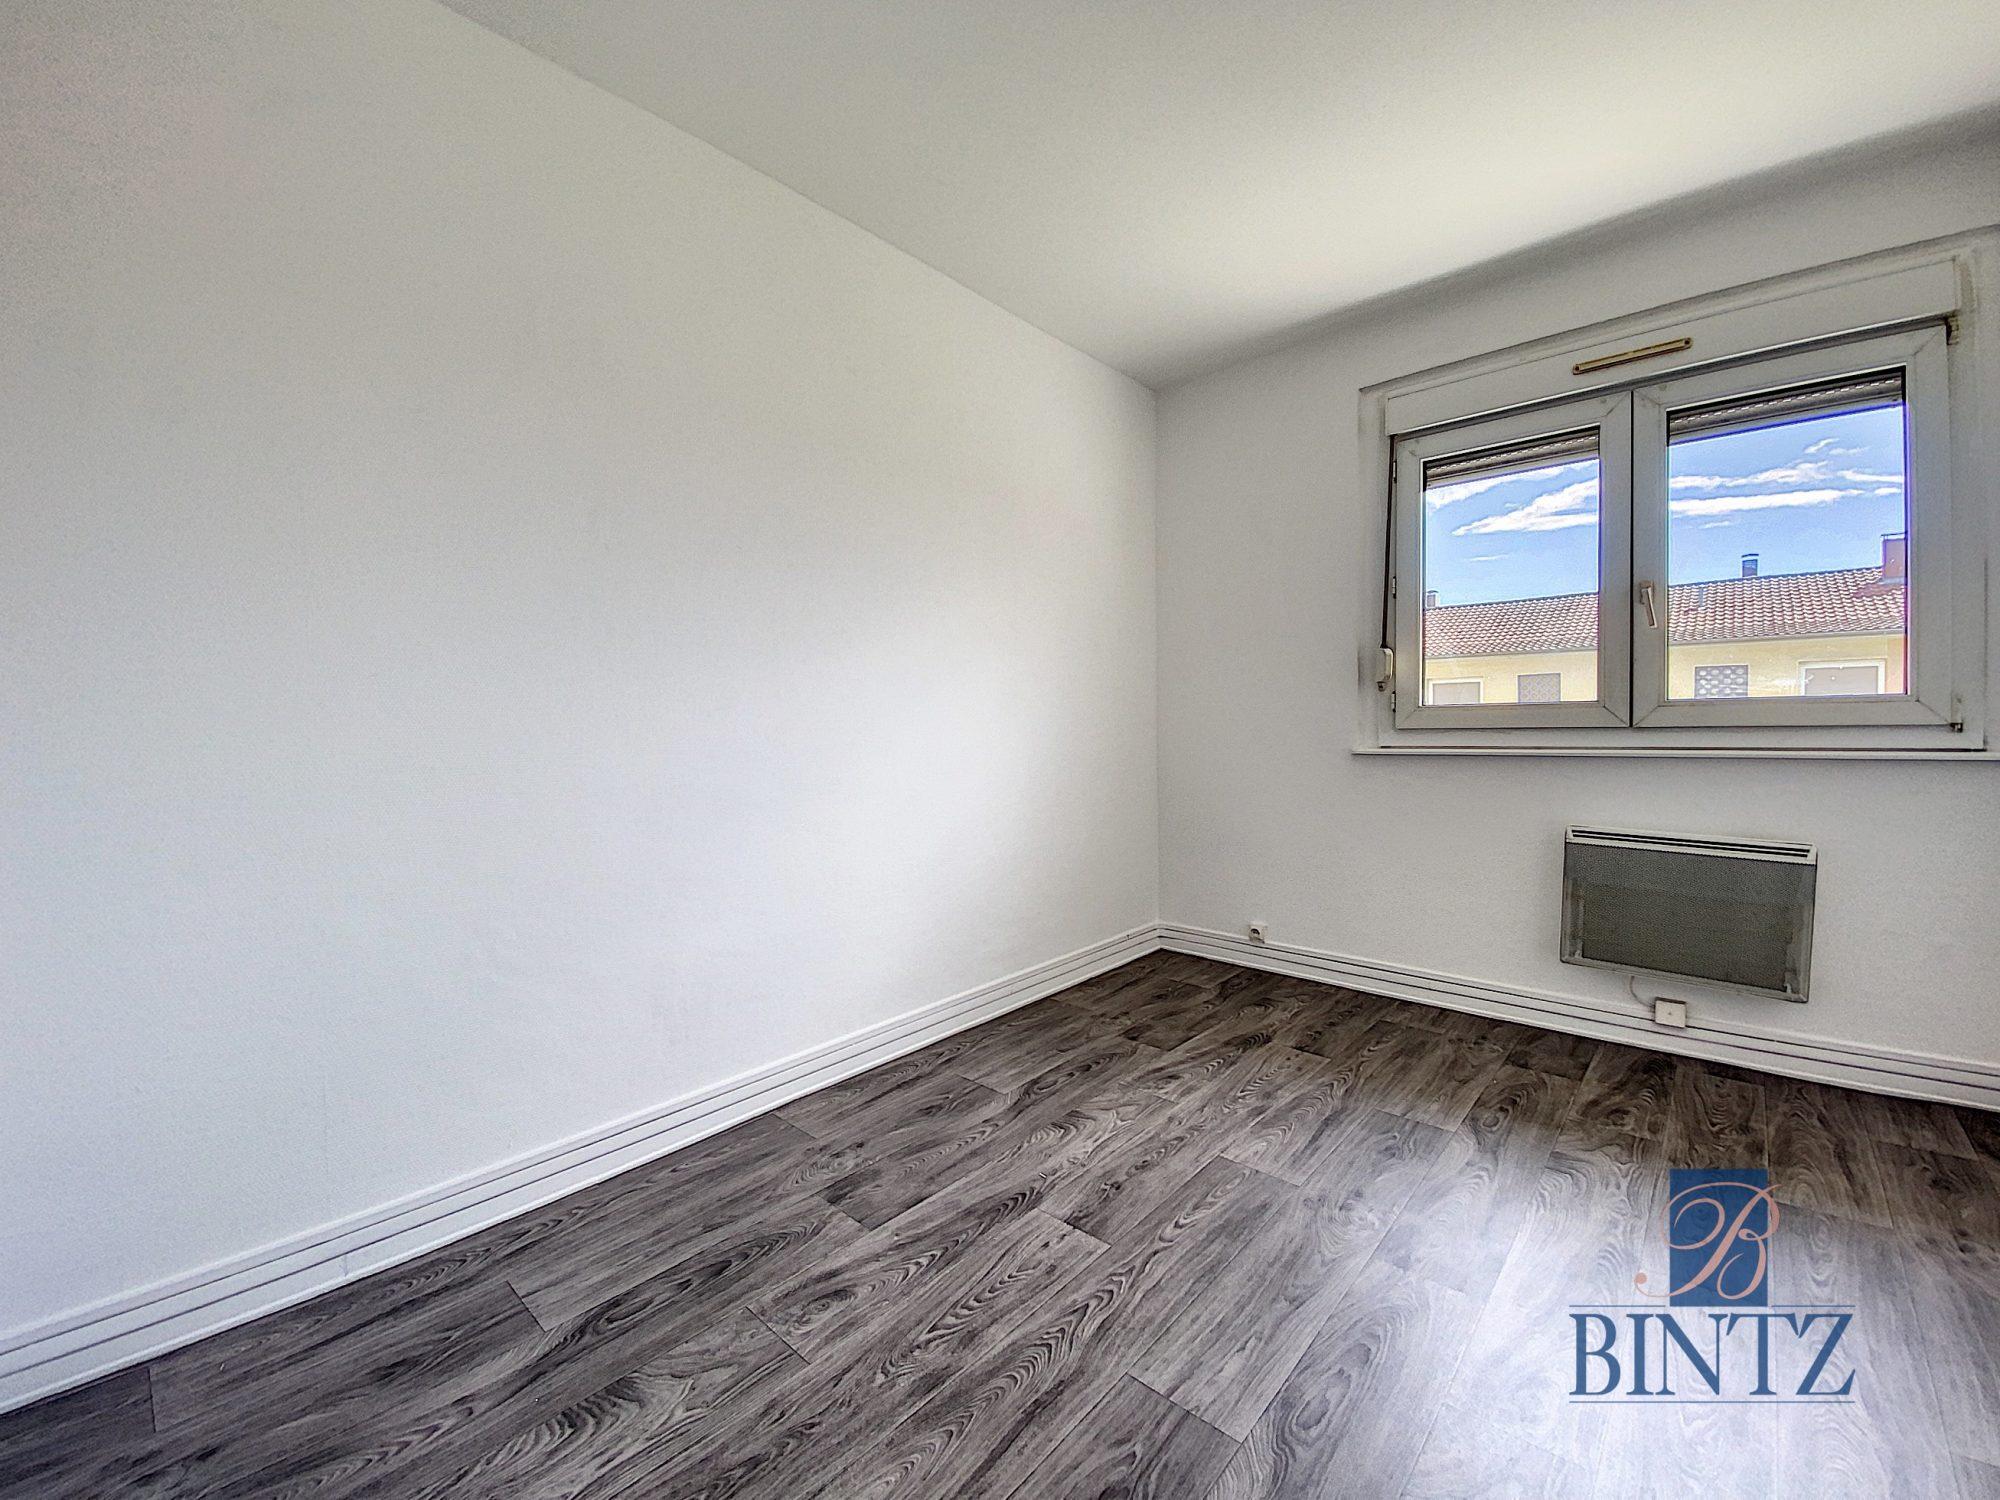 4P MUSAU 4 RIMBACH - Devenez locataire en toute sérénité - Bintz Immobilier - 2